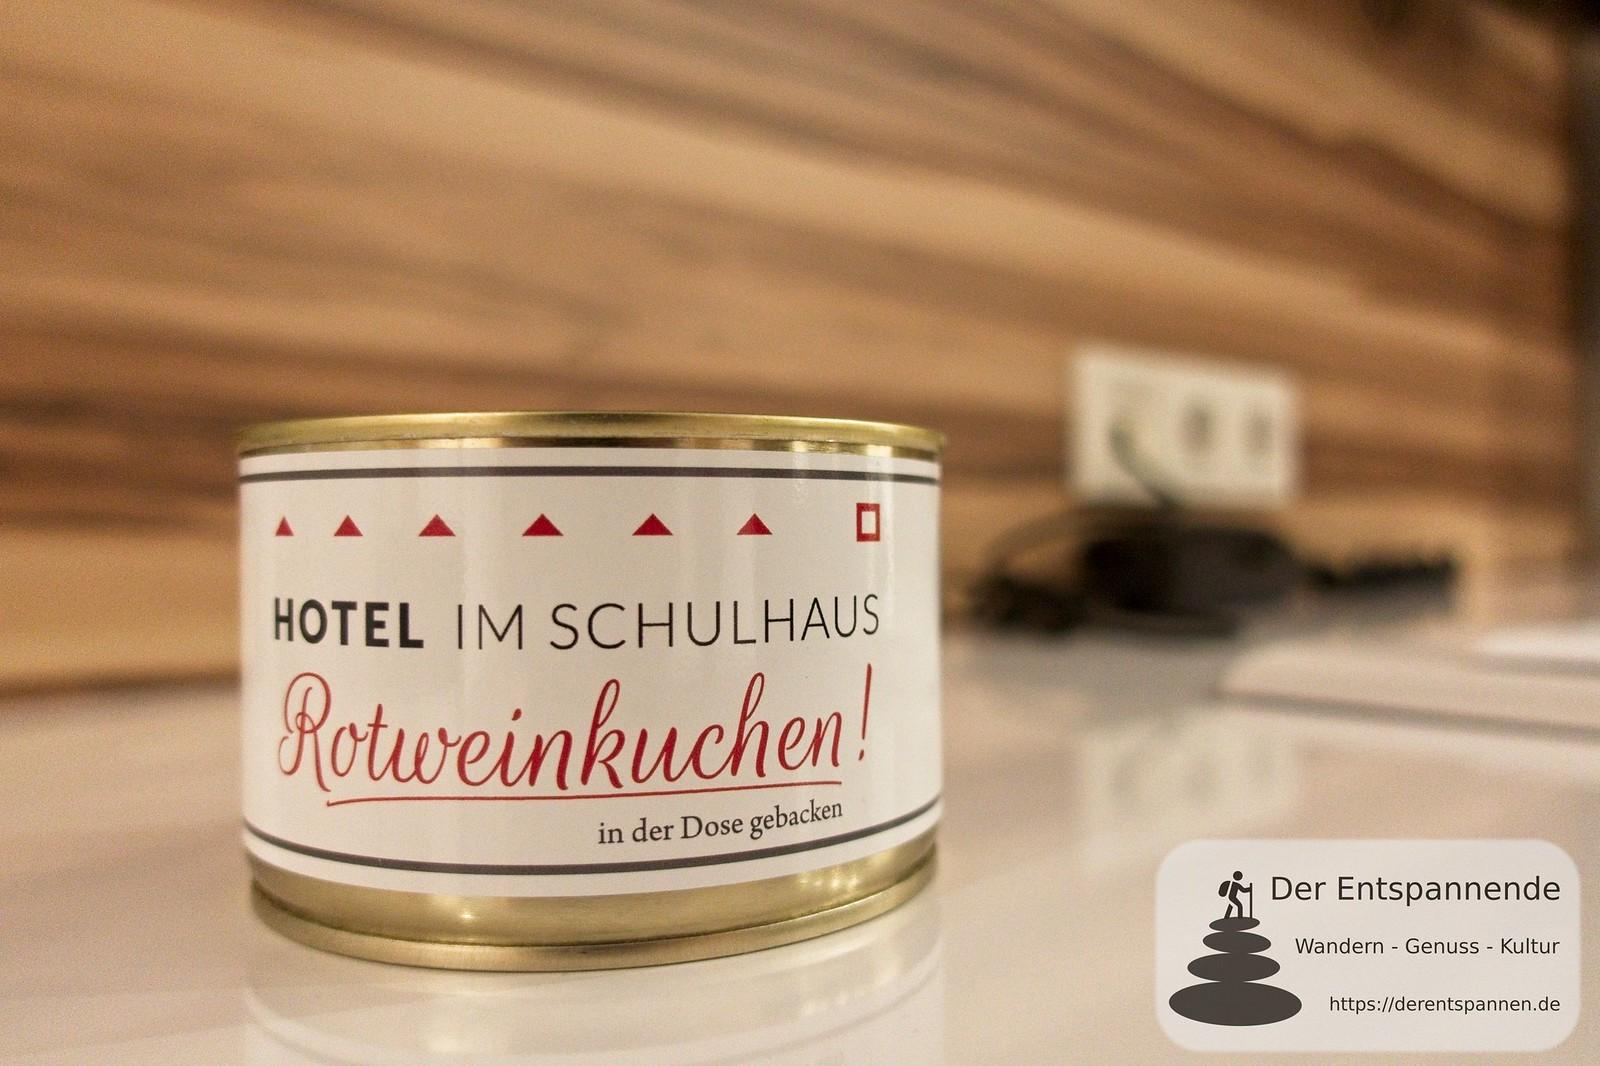 Hotel im Schulhaus: Rotweinkkuchen in der Dose gebacken